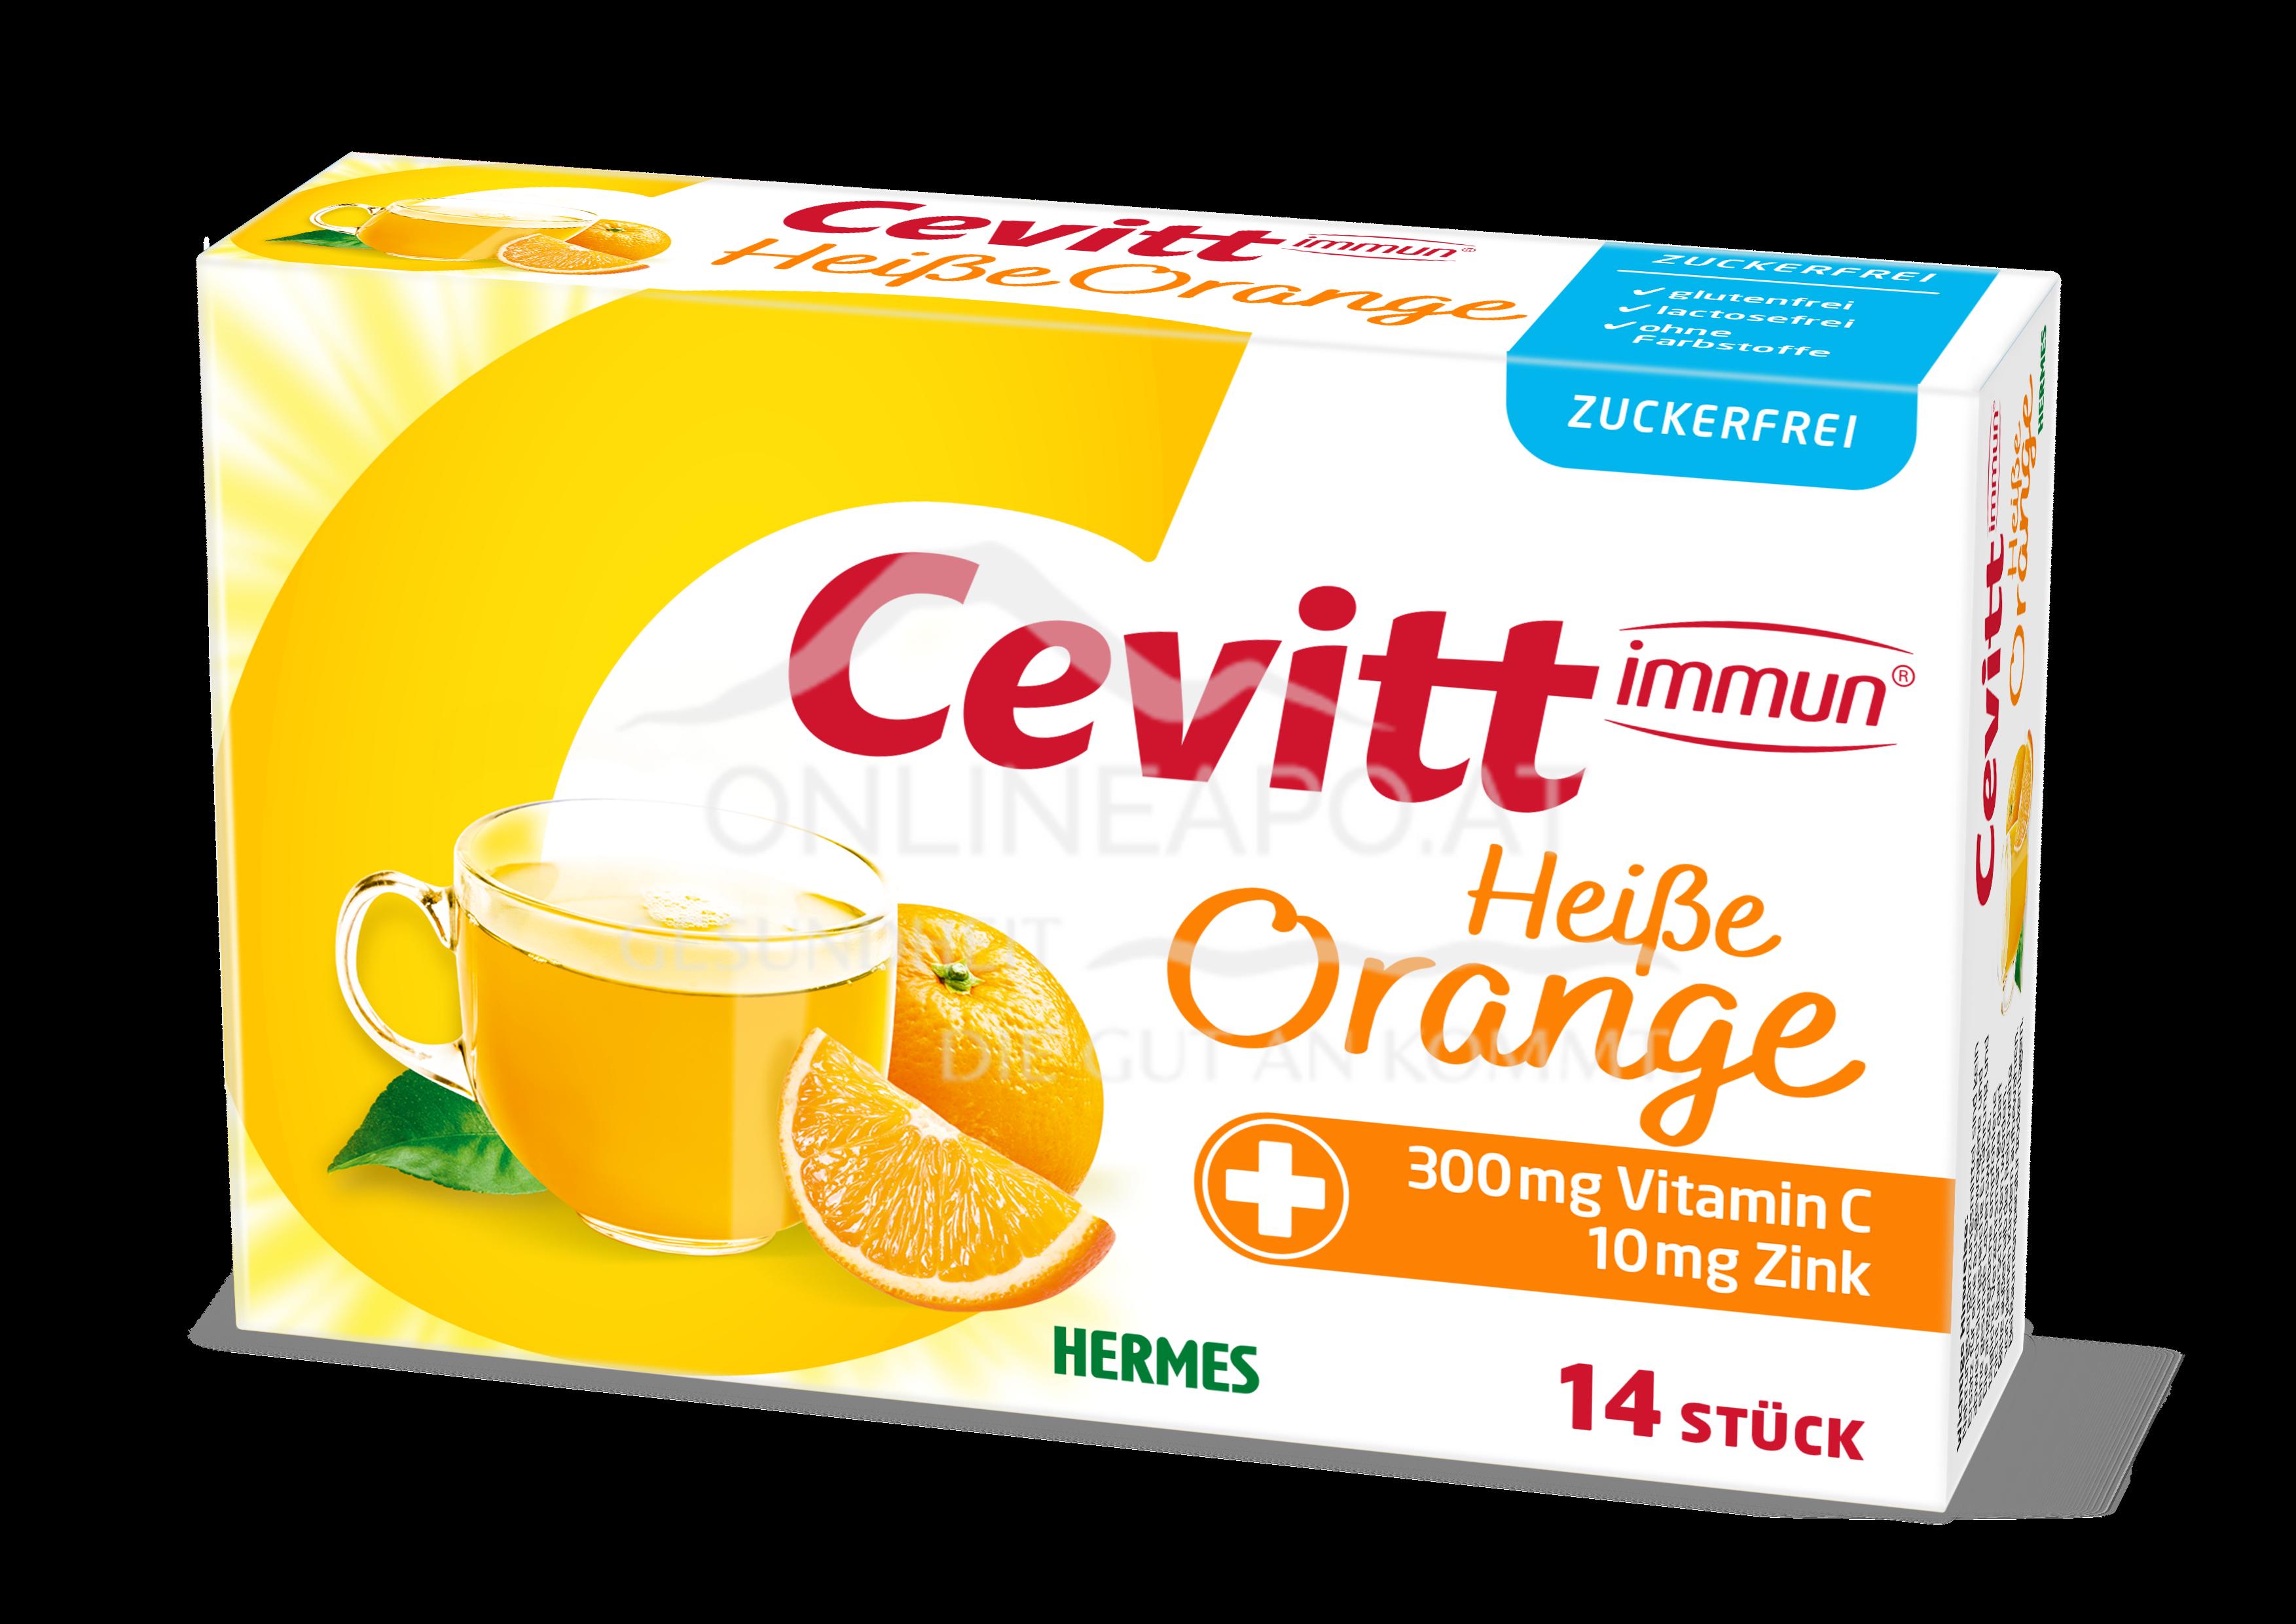 Cevitt immun® Heiße Orange zuckerfrei